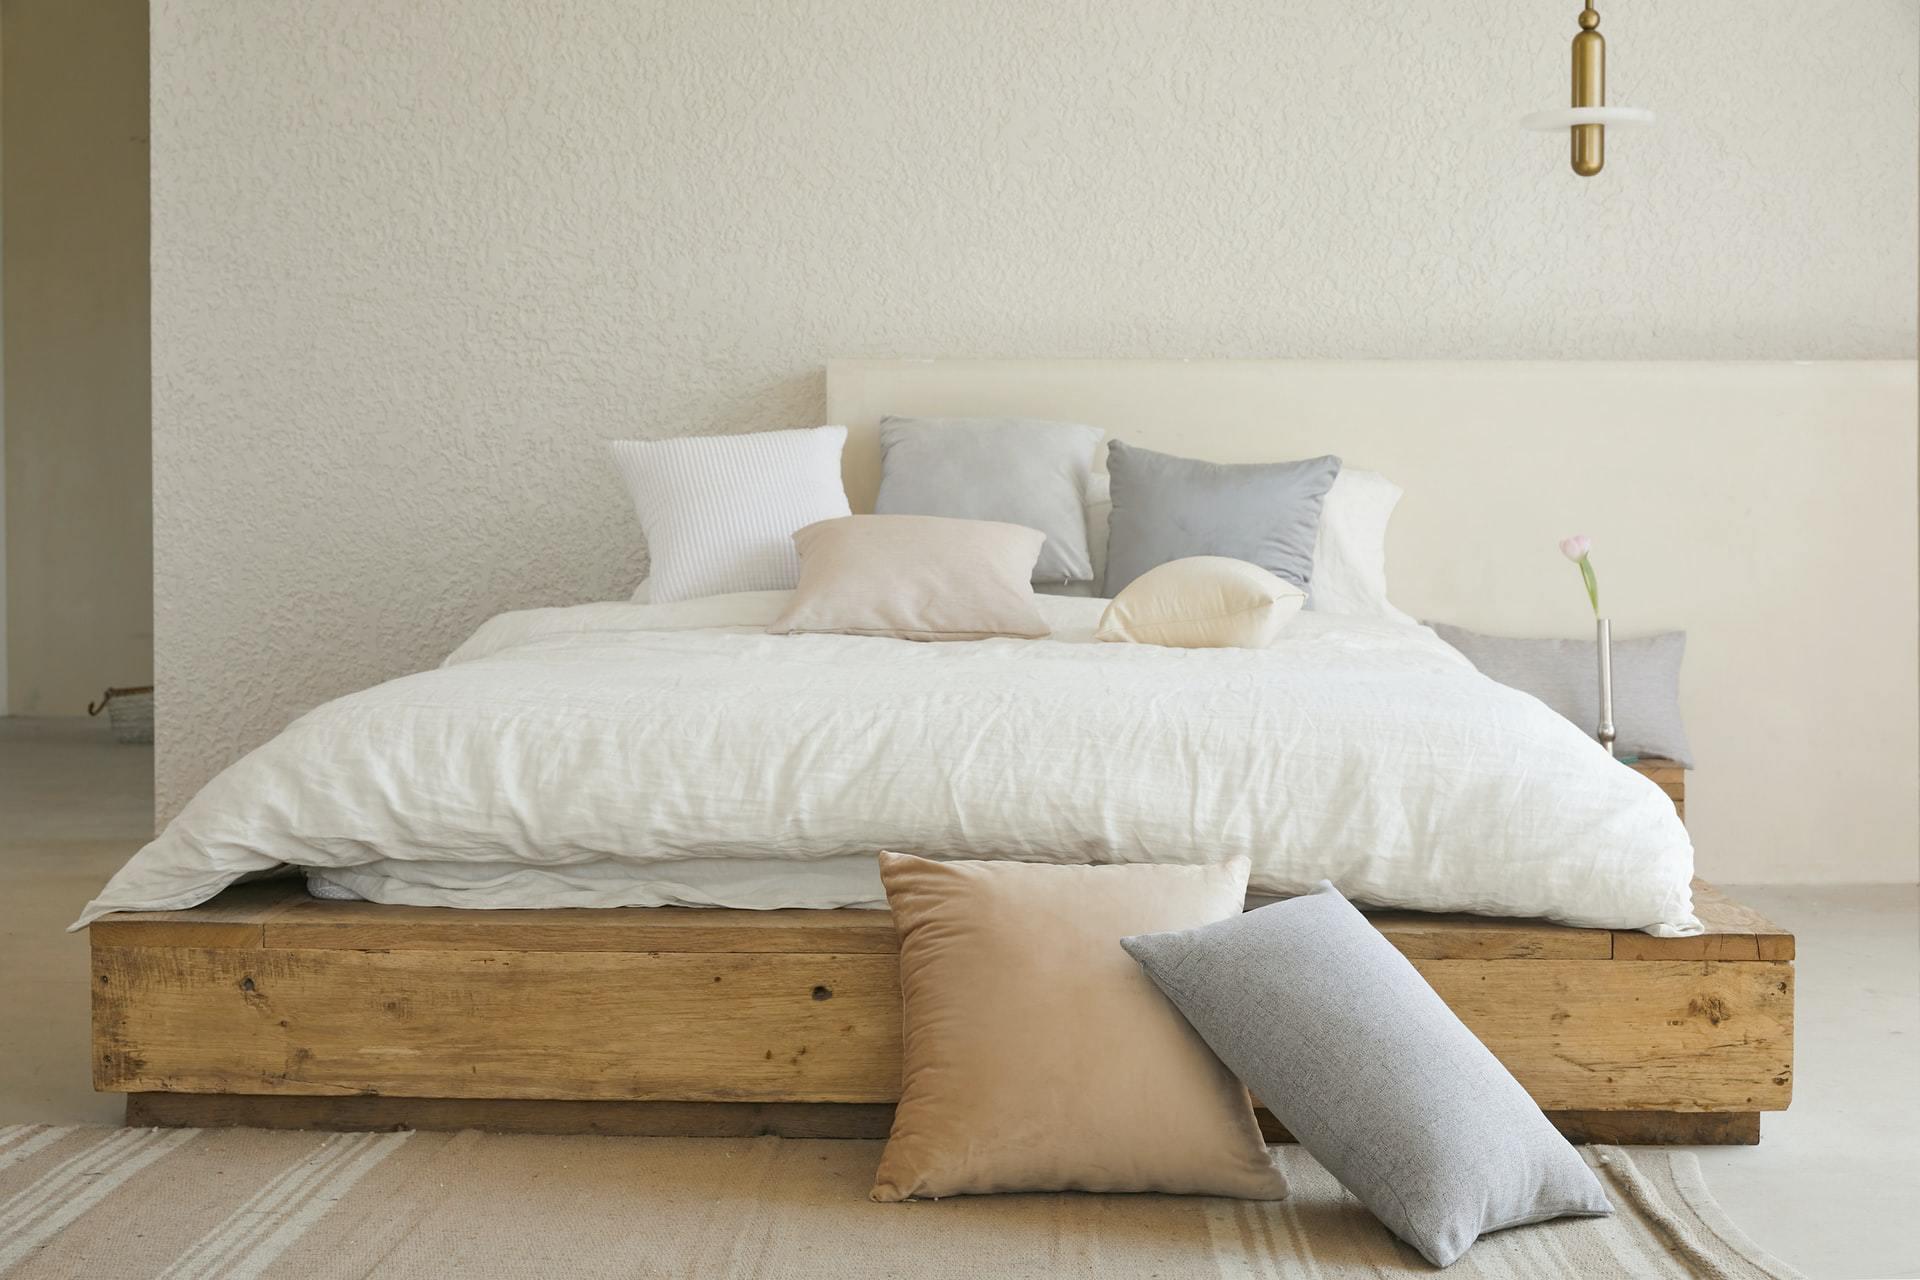 Houten bed met wit dekbed, vooraanzicht